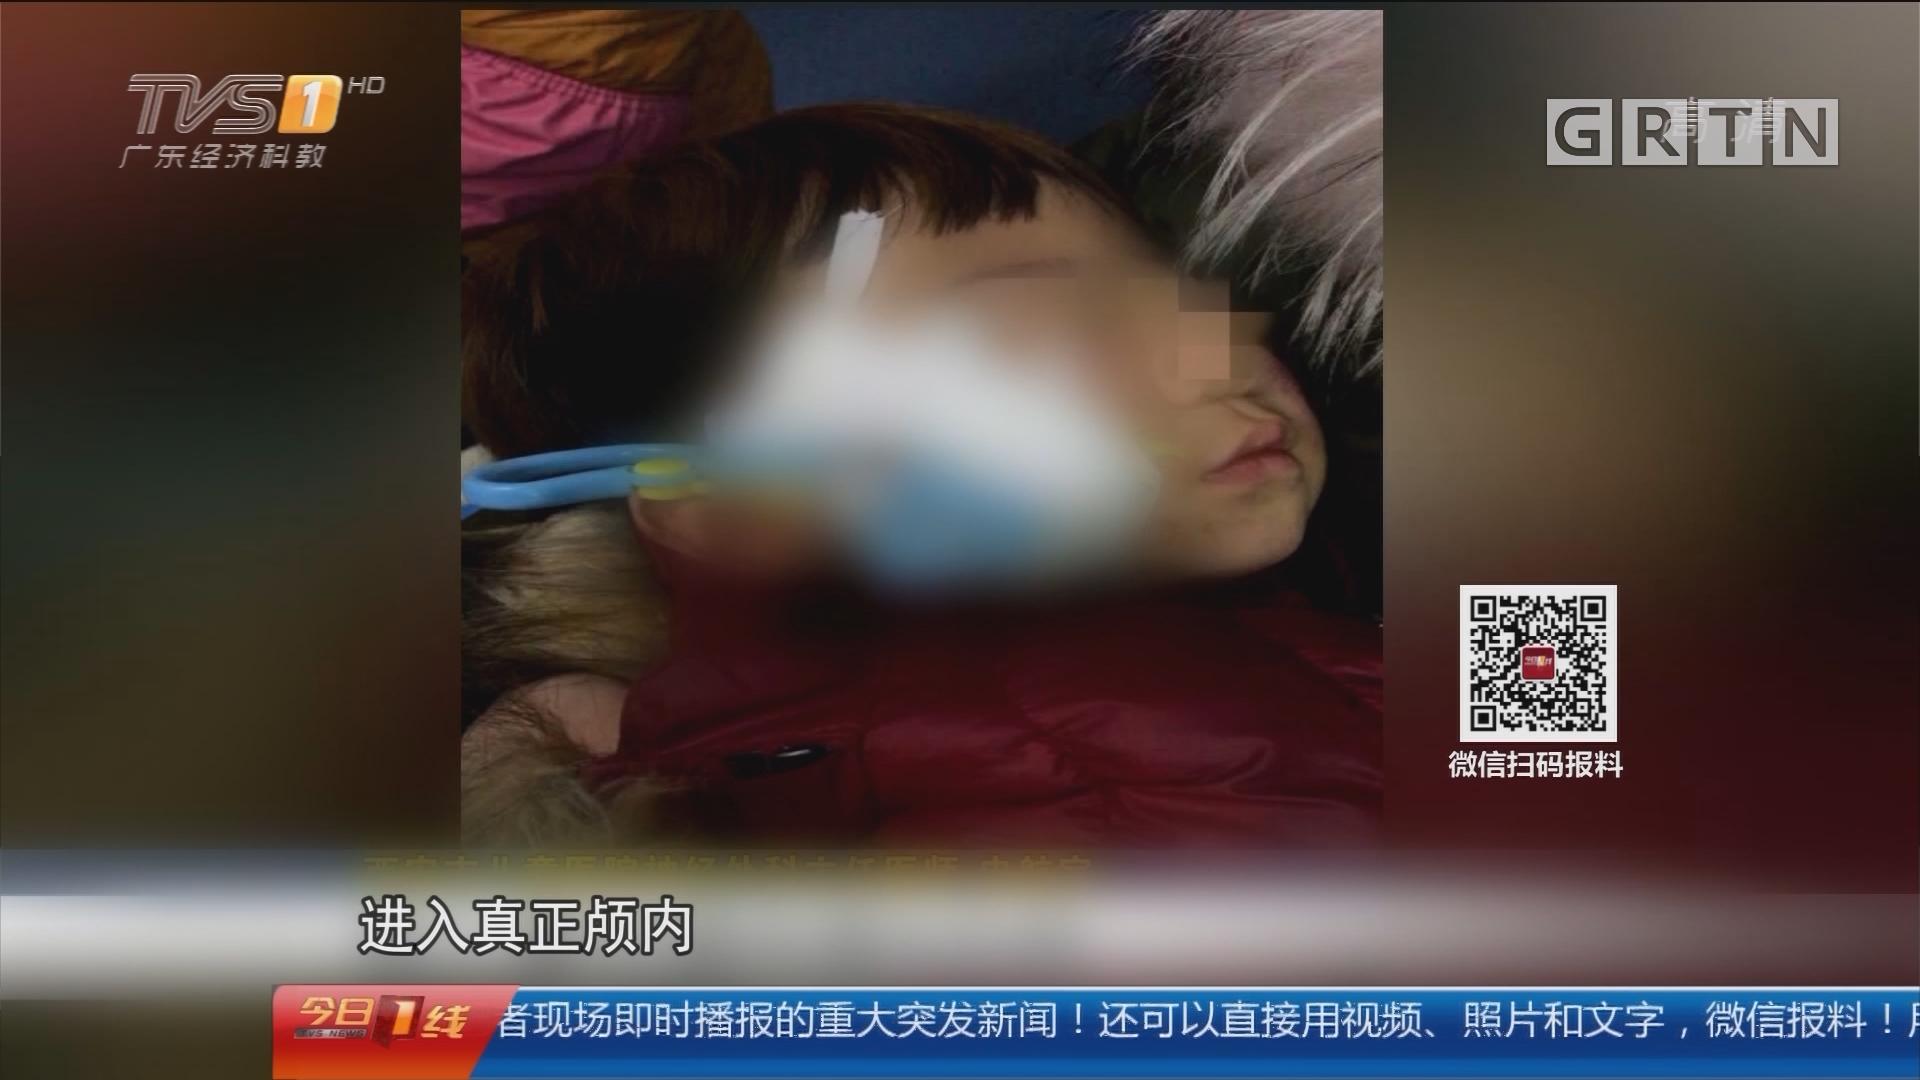 关注儿童安全:男童摔倒 6厘米剪刀斜插脸部